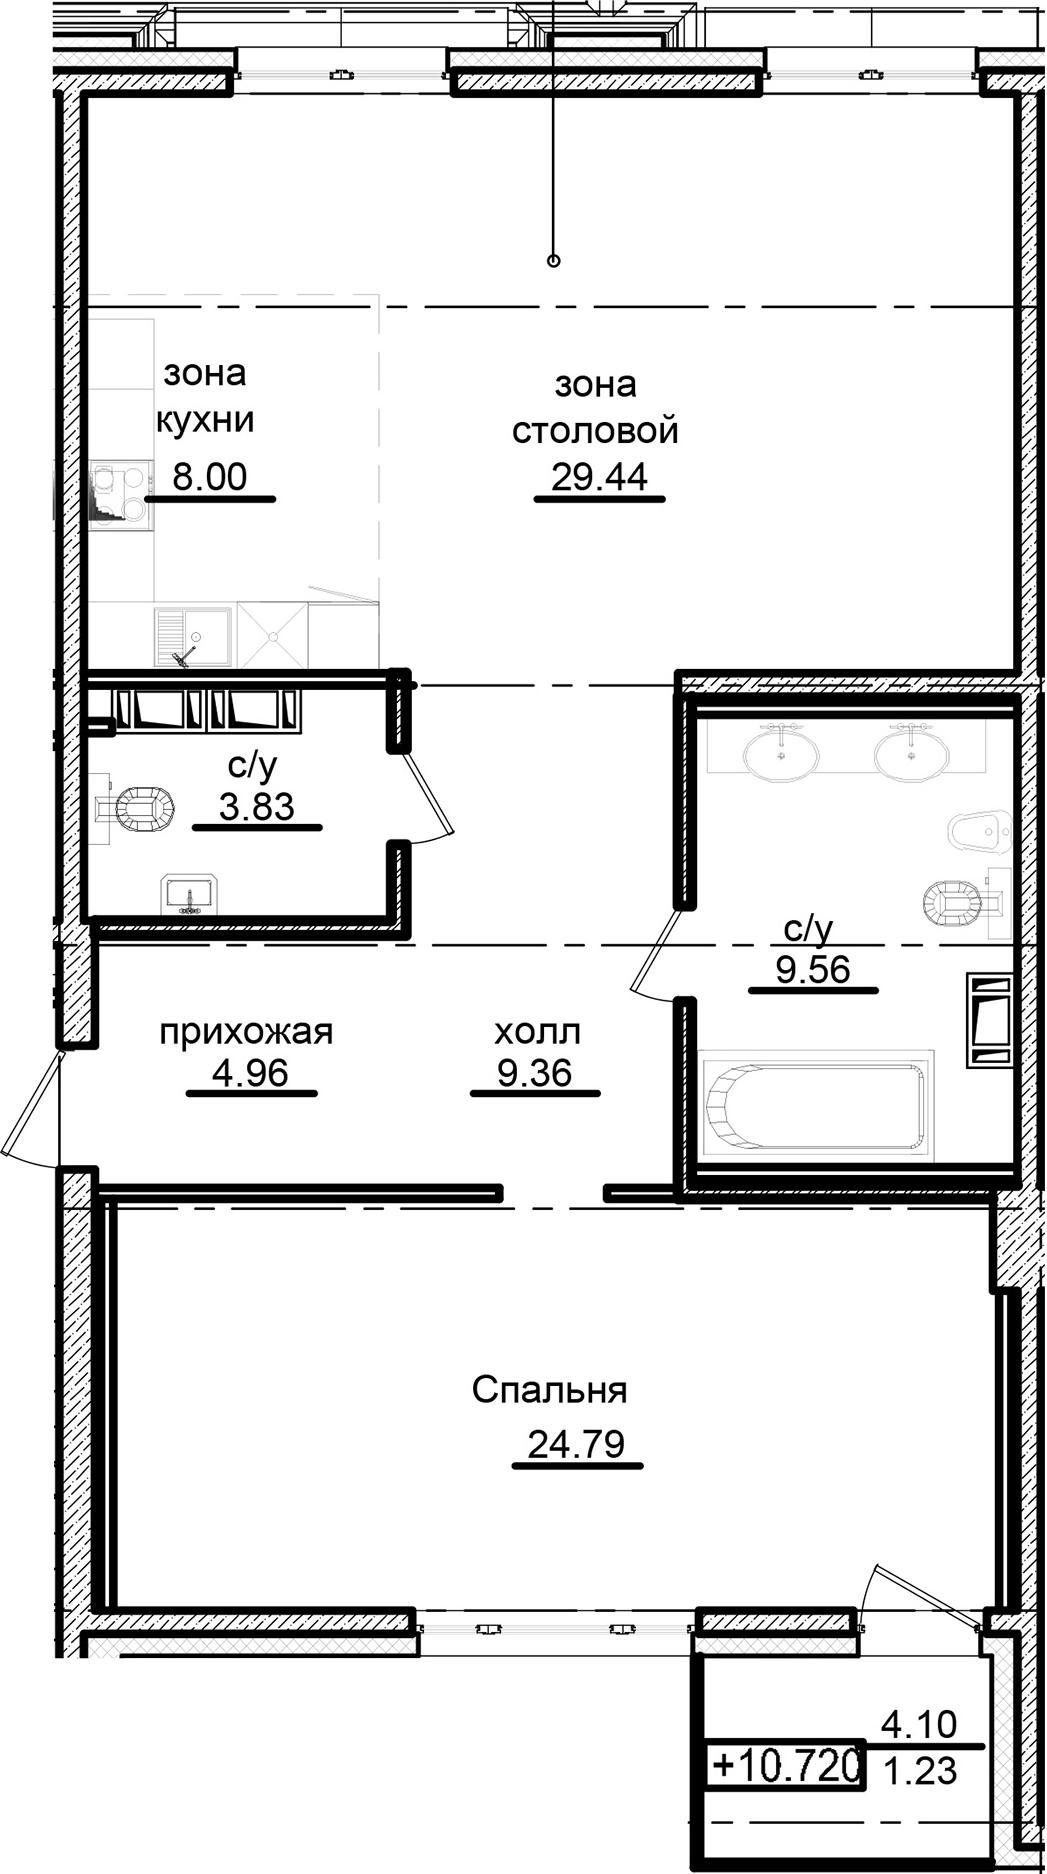 2-к.кв (евро), 94.04 м²